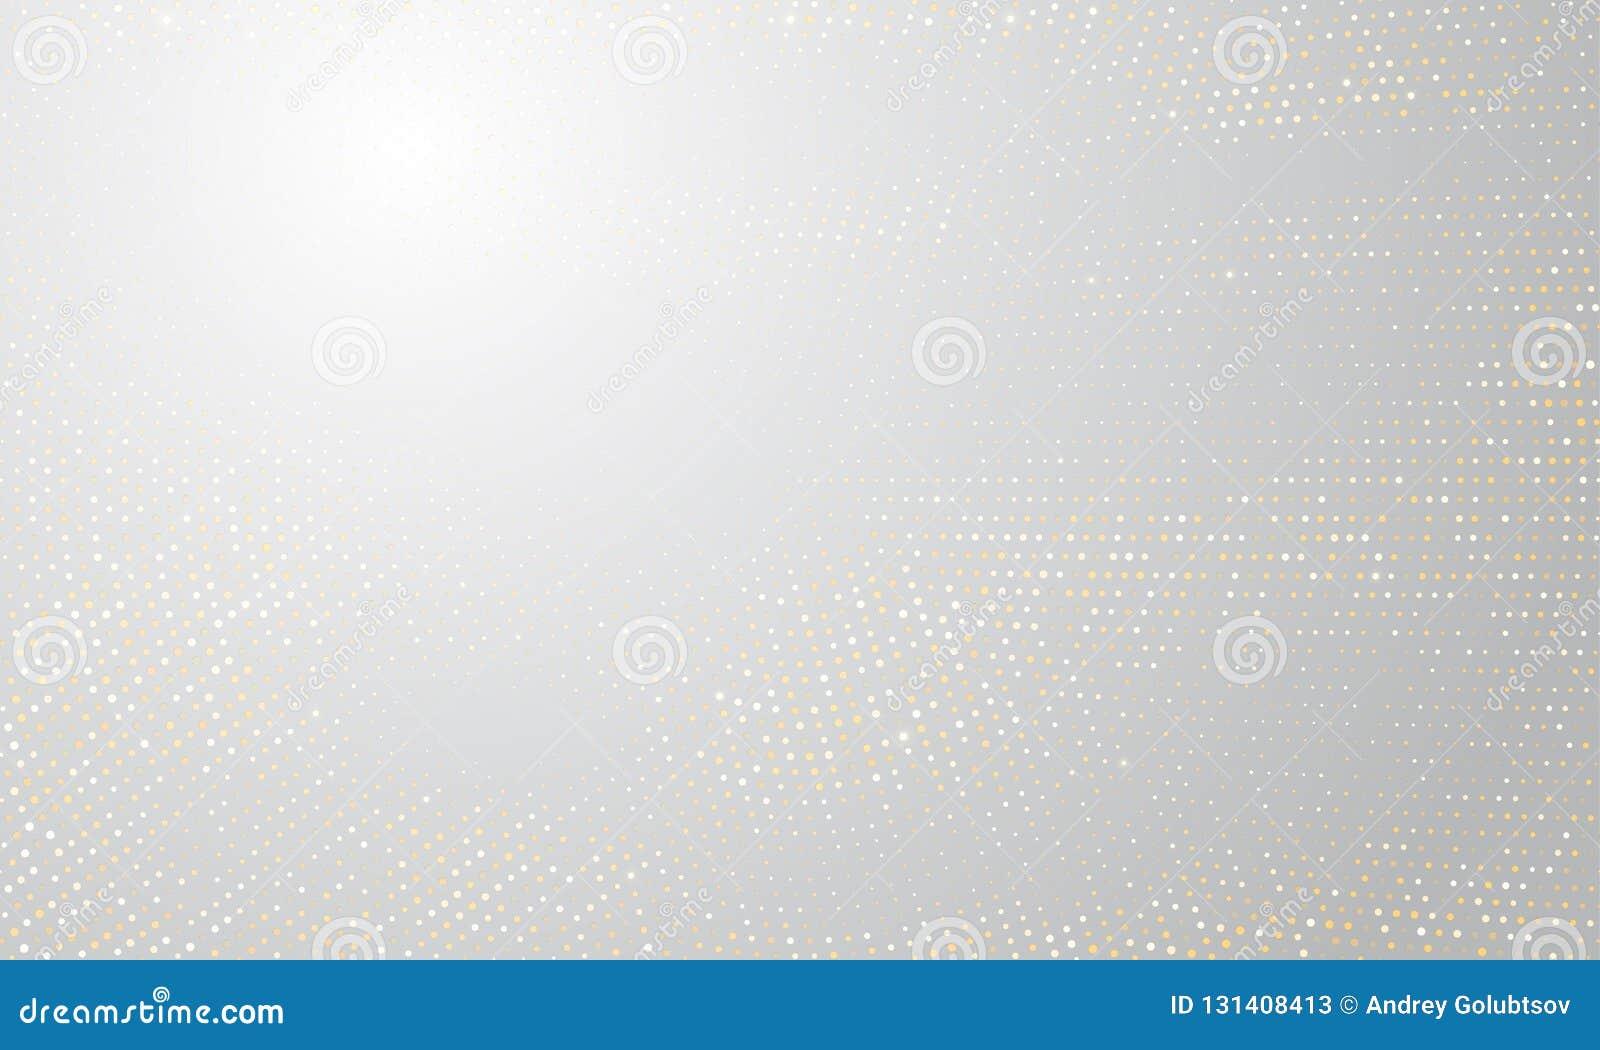 Złota srebny halftone tło Wektorowy złoty błyskotliwość okrąg z kropkowanym błyska deseniowej tekstury białego halftone połysk